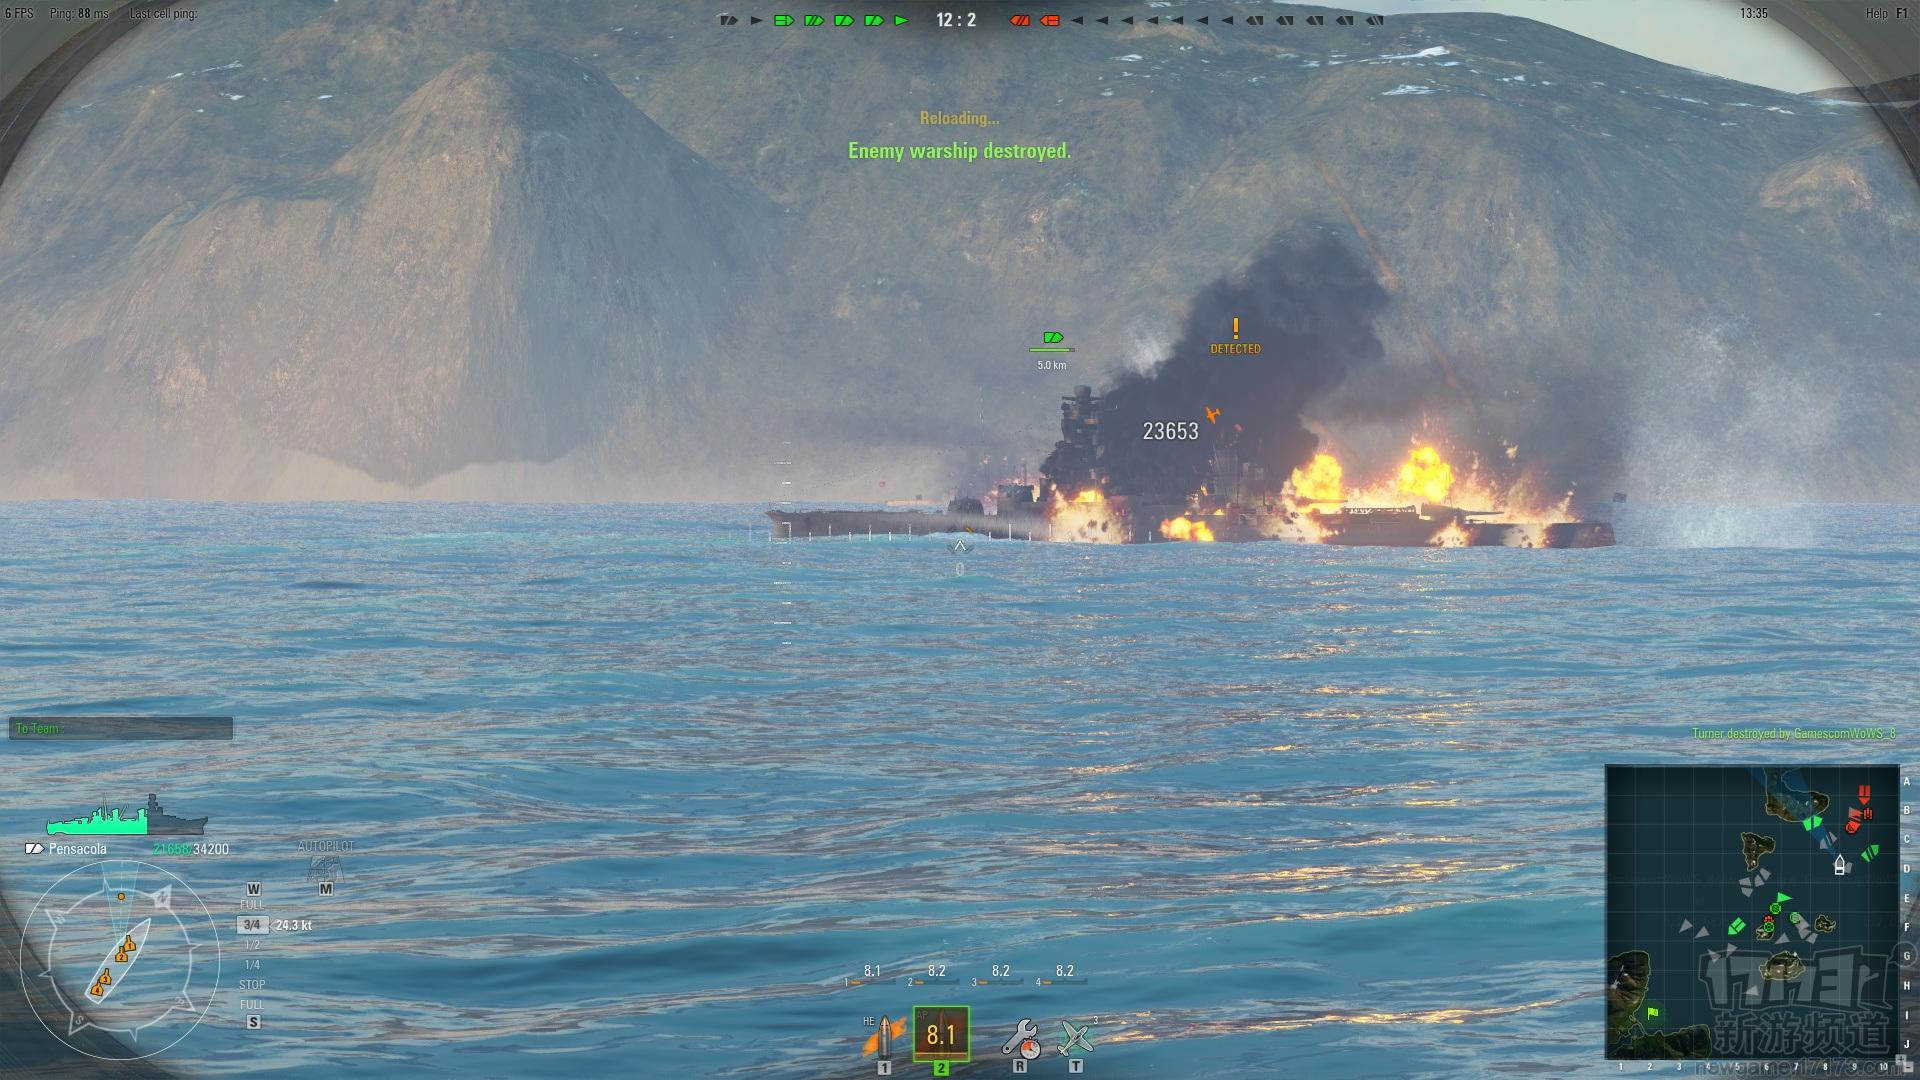 战舰世界好玩吗 什么职业好玩厉害 3d游戏 乐享玩